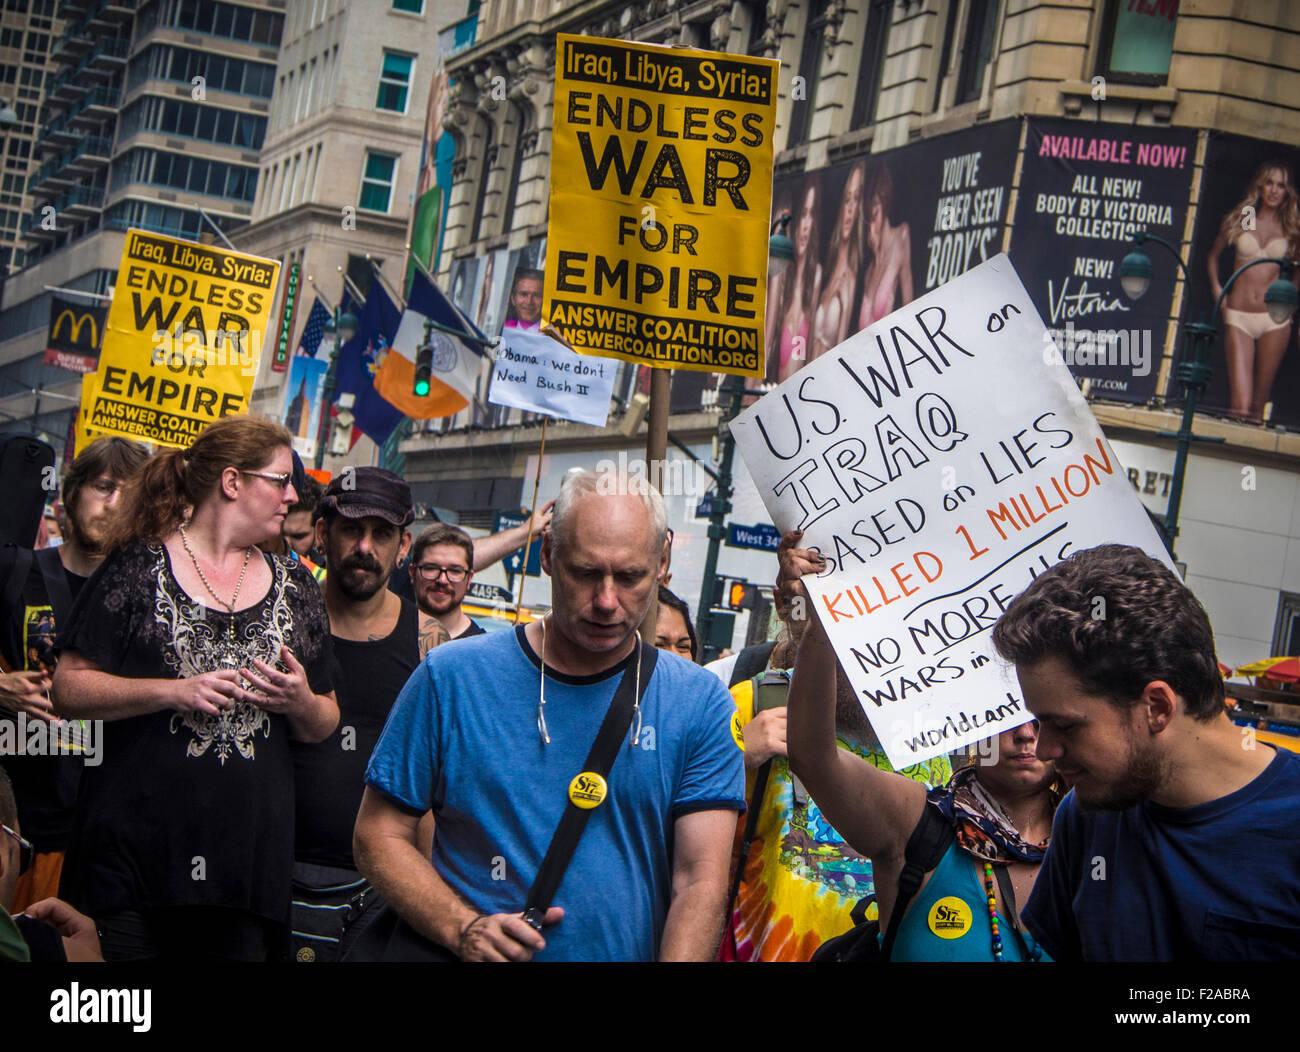 El 31 de agosto de 2013: los manifestantes contra América entrando en una guerra con Siria en la 6ª Avenida, Imagen De Stock